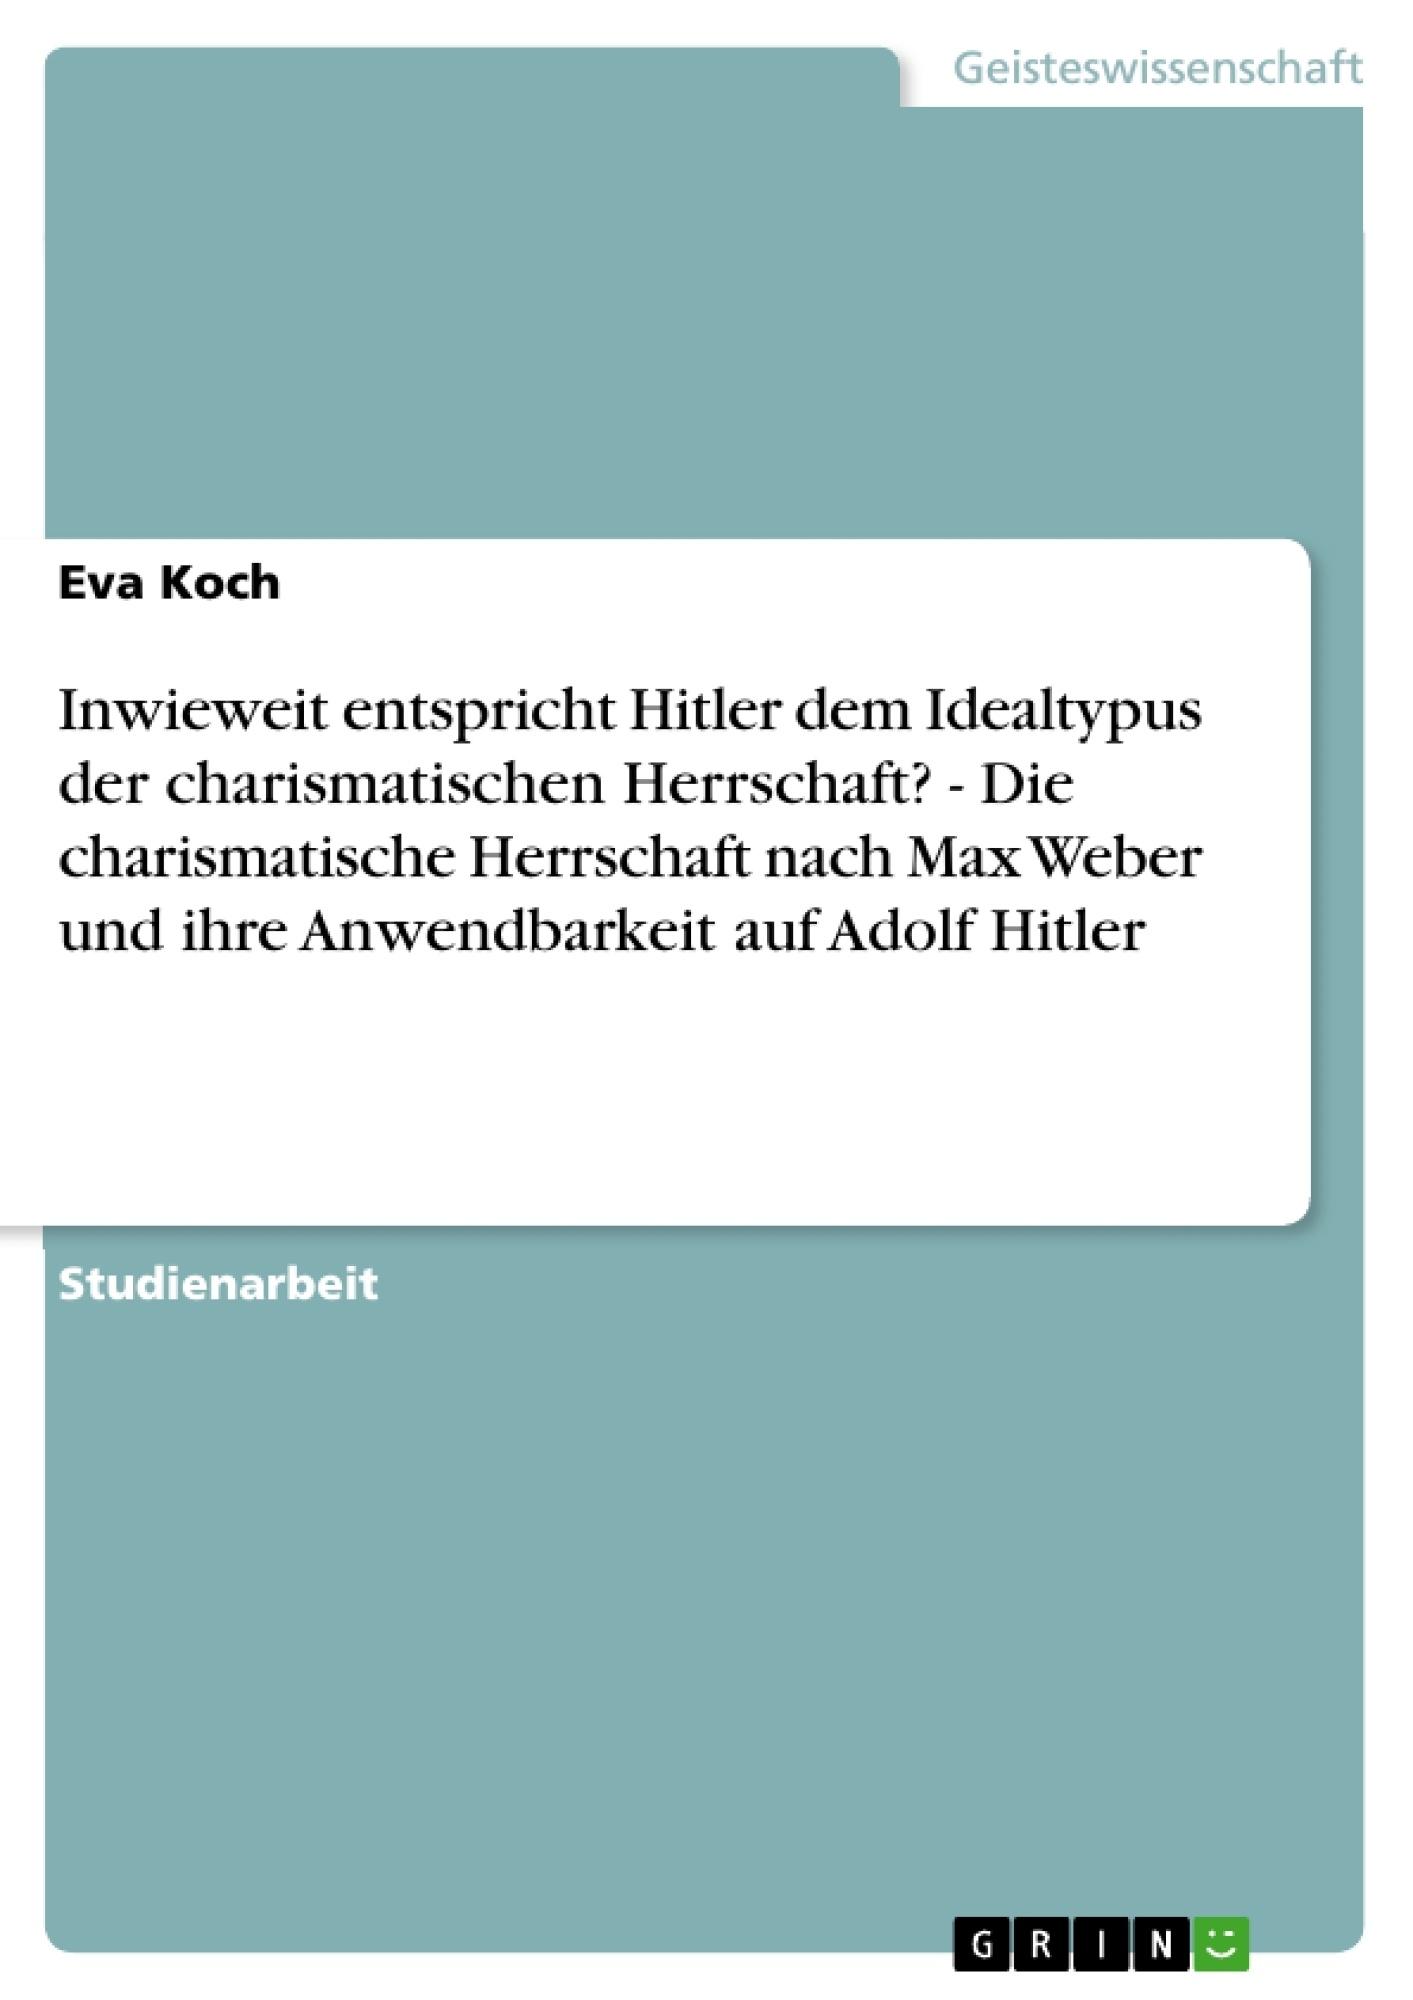 Titel: Inwieweit entspricht Hitler dem Idealtypus der charismatischen Herrschaft?  -  Die charismatische Herrschaft nach Max Weber und ihre Anwendbarkeit auf Adolf Hitler